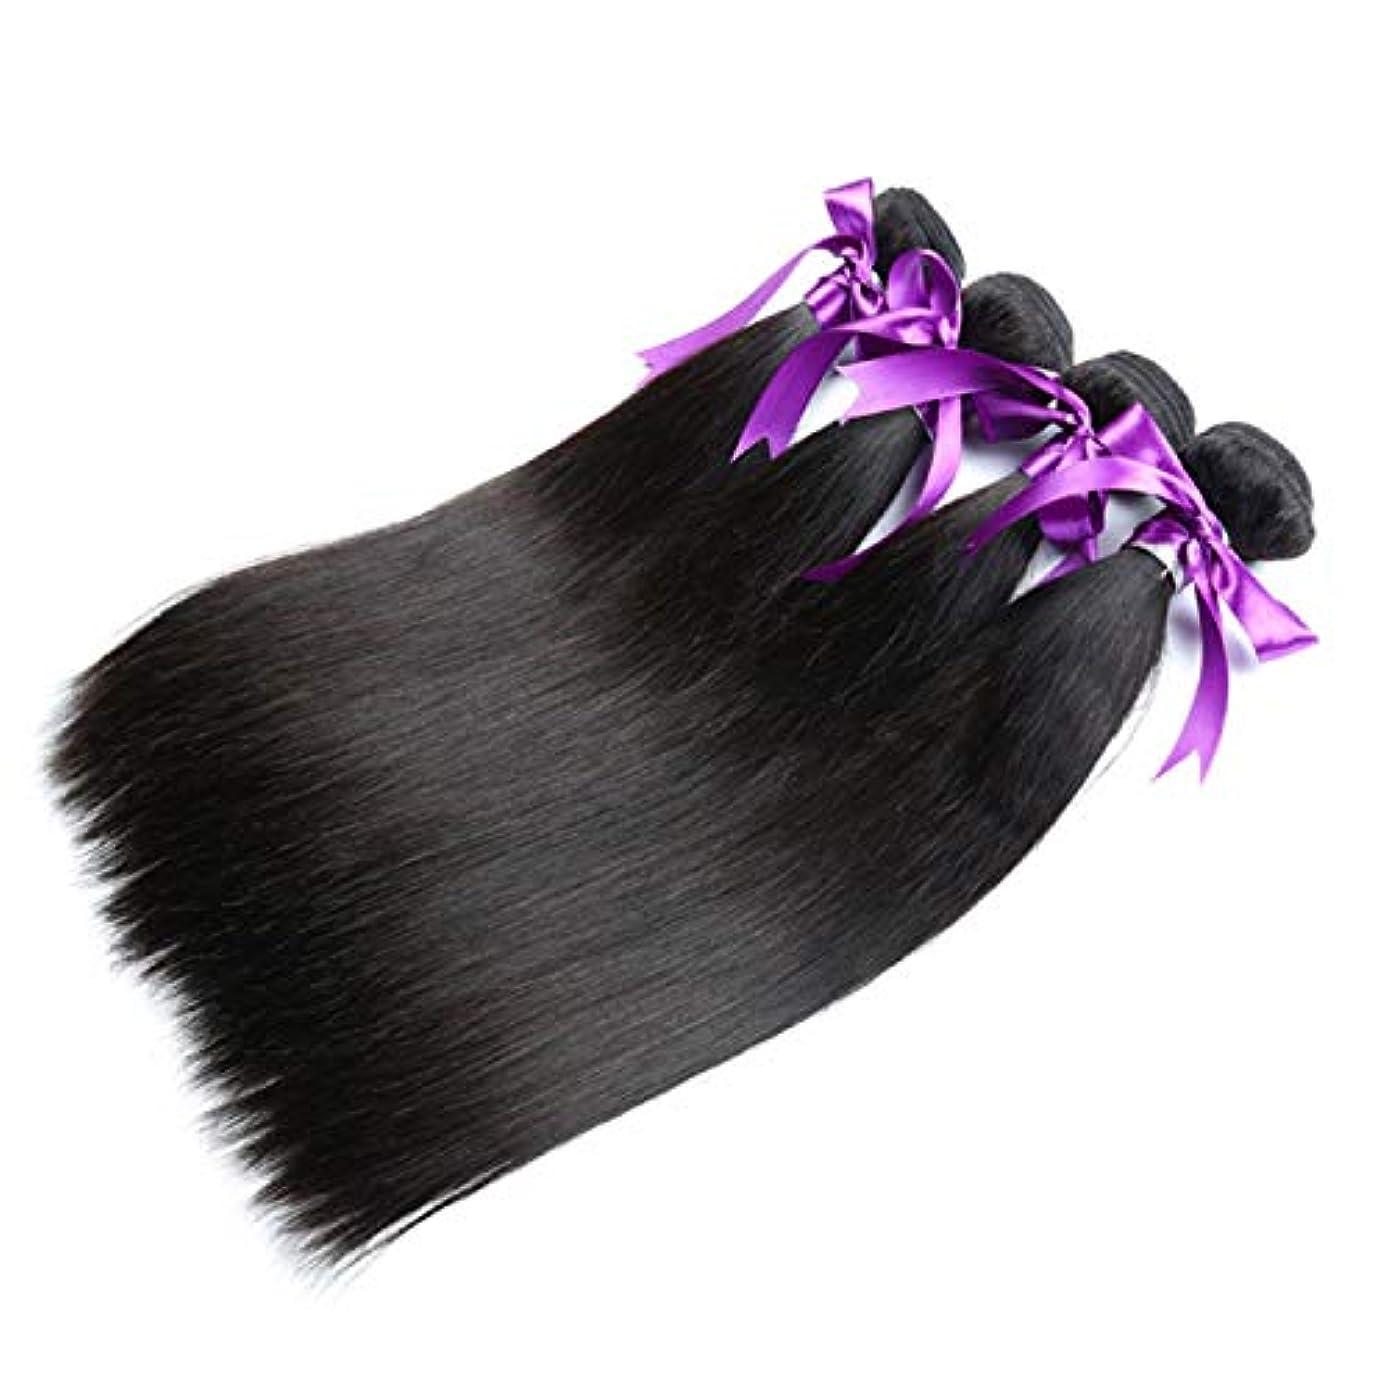 臭い刺す悪意のあるペルーのストレートヘア4本の人間の髪の毛の束非レミーの毛の延長ナチュラルブラック (Length : 8 8 10 10)